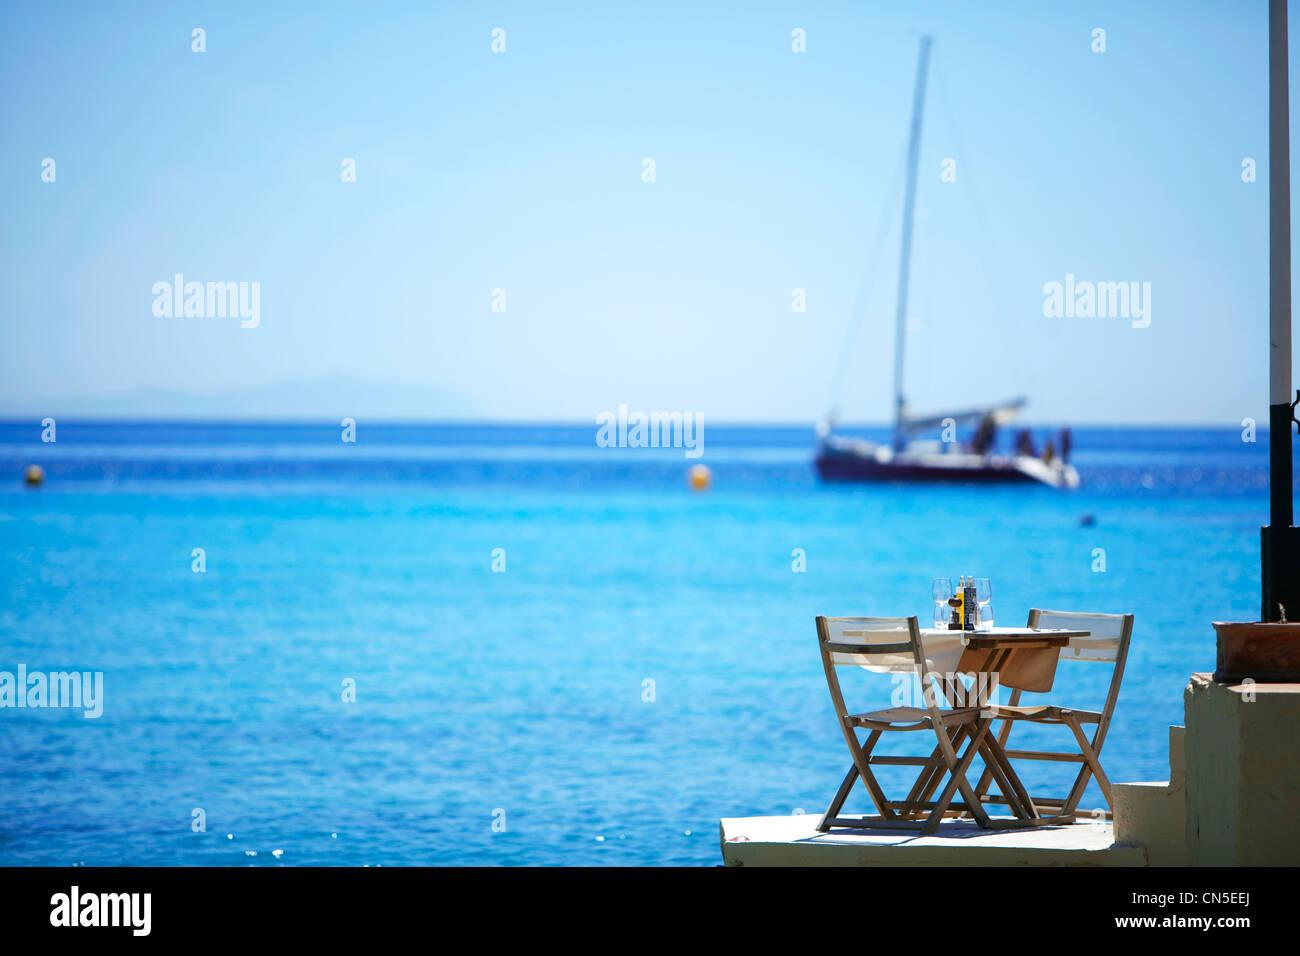 France, Bouches du Rhone, Marseille, 9th arrondissement, Calanque de Sormiou, Le Lunch Restaurant - Stock Image